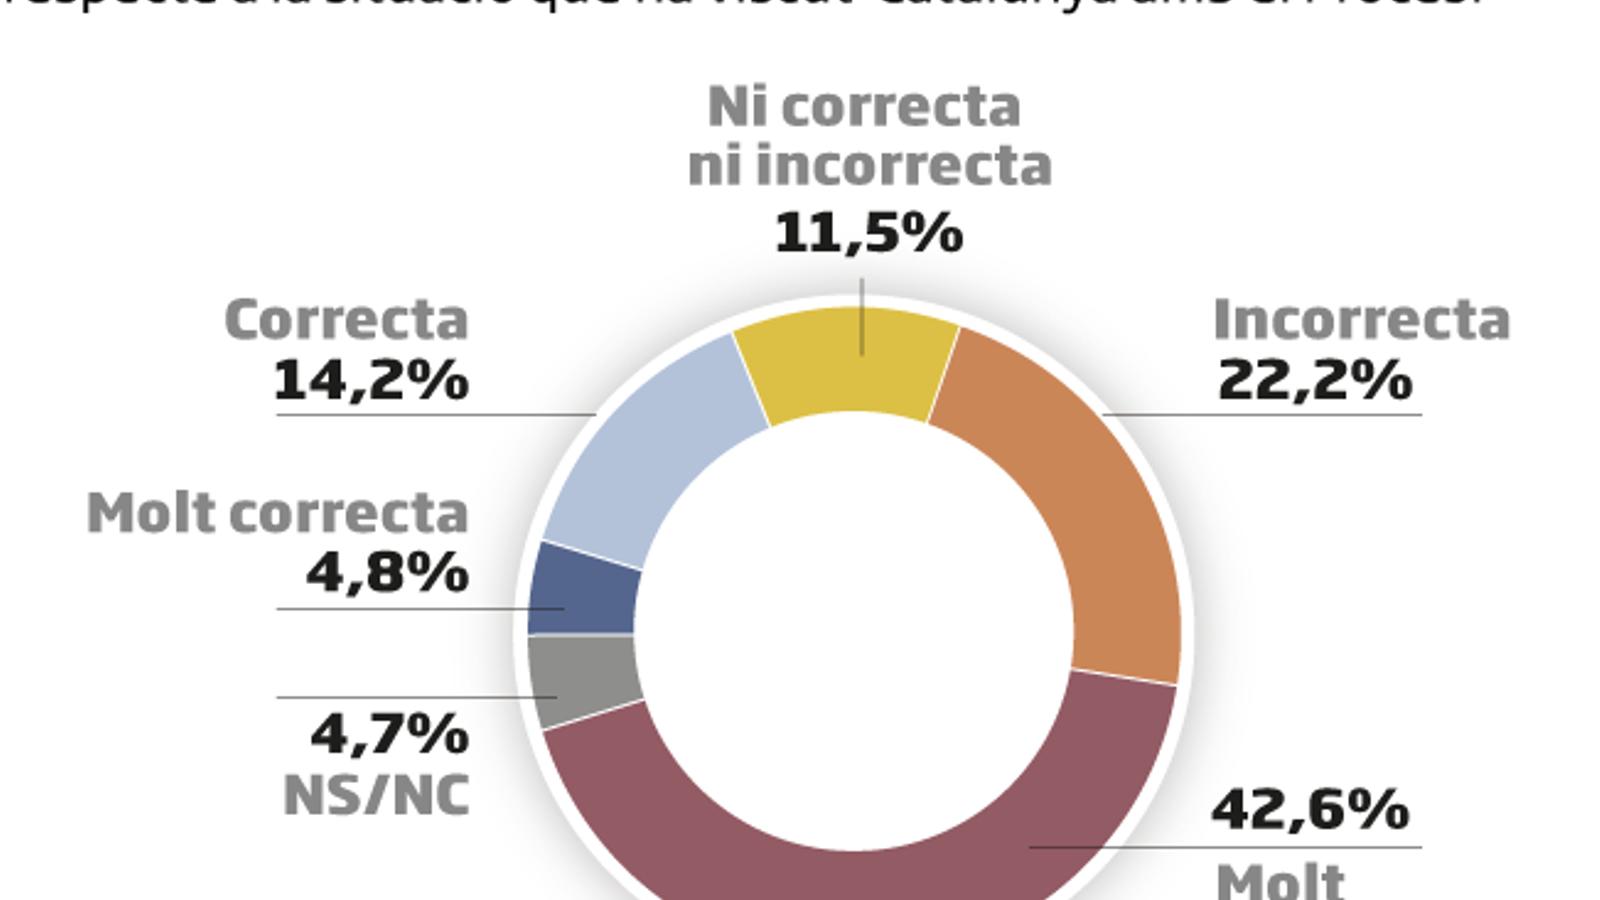 L'ENQUESTA DE L'ARA: Només dos de cada deu catalans fan costat al rei i avalarien la Constitució